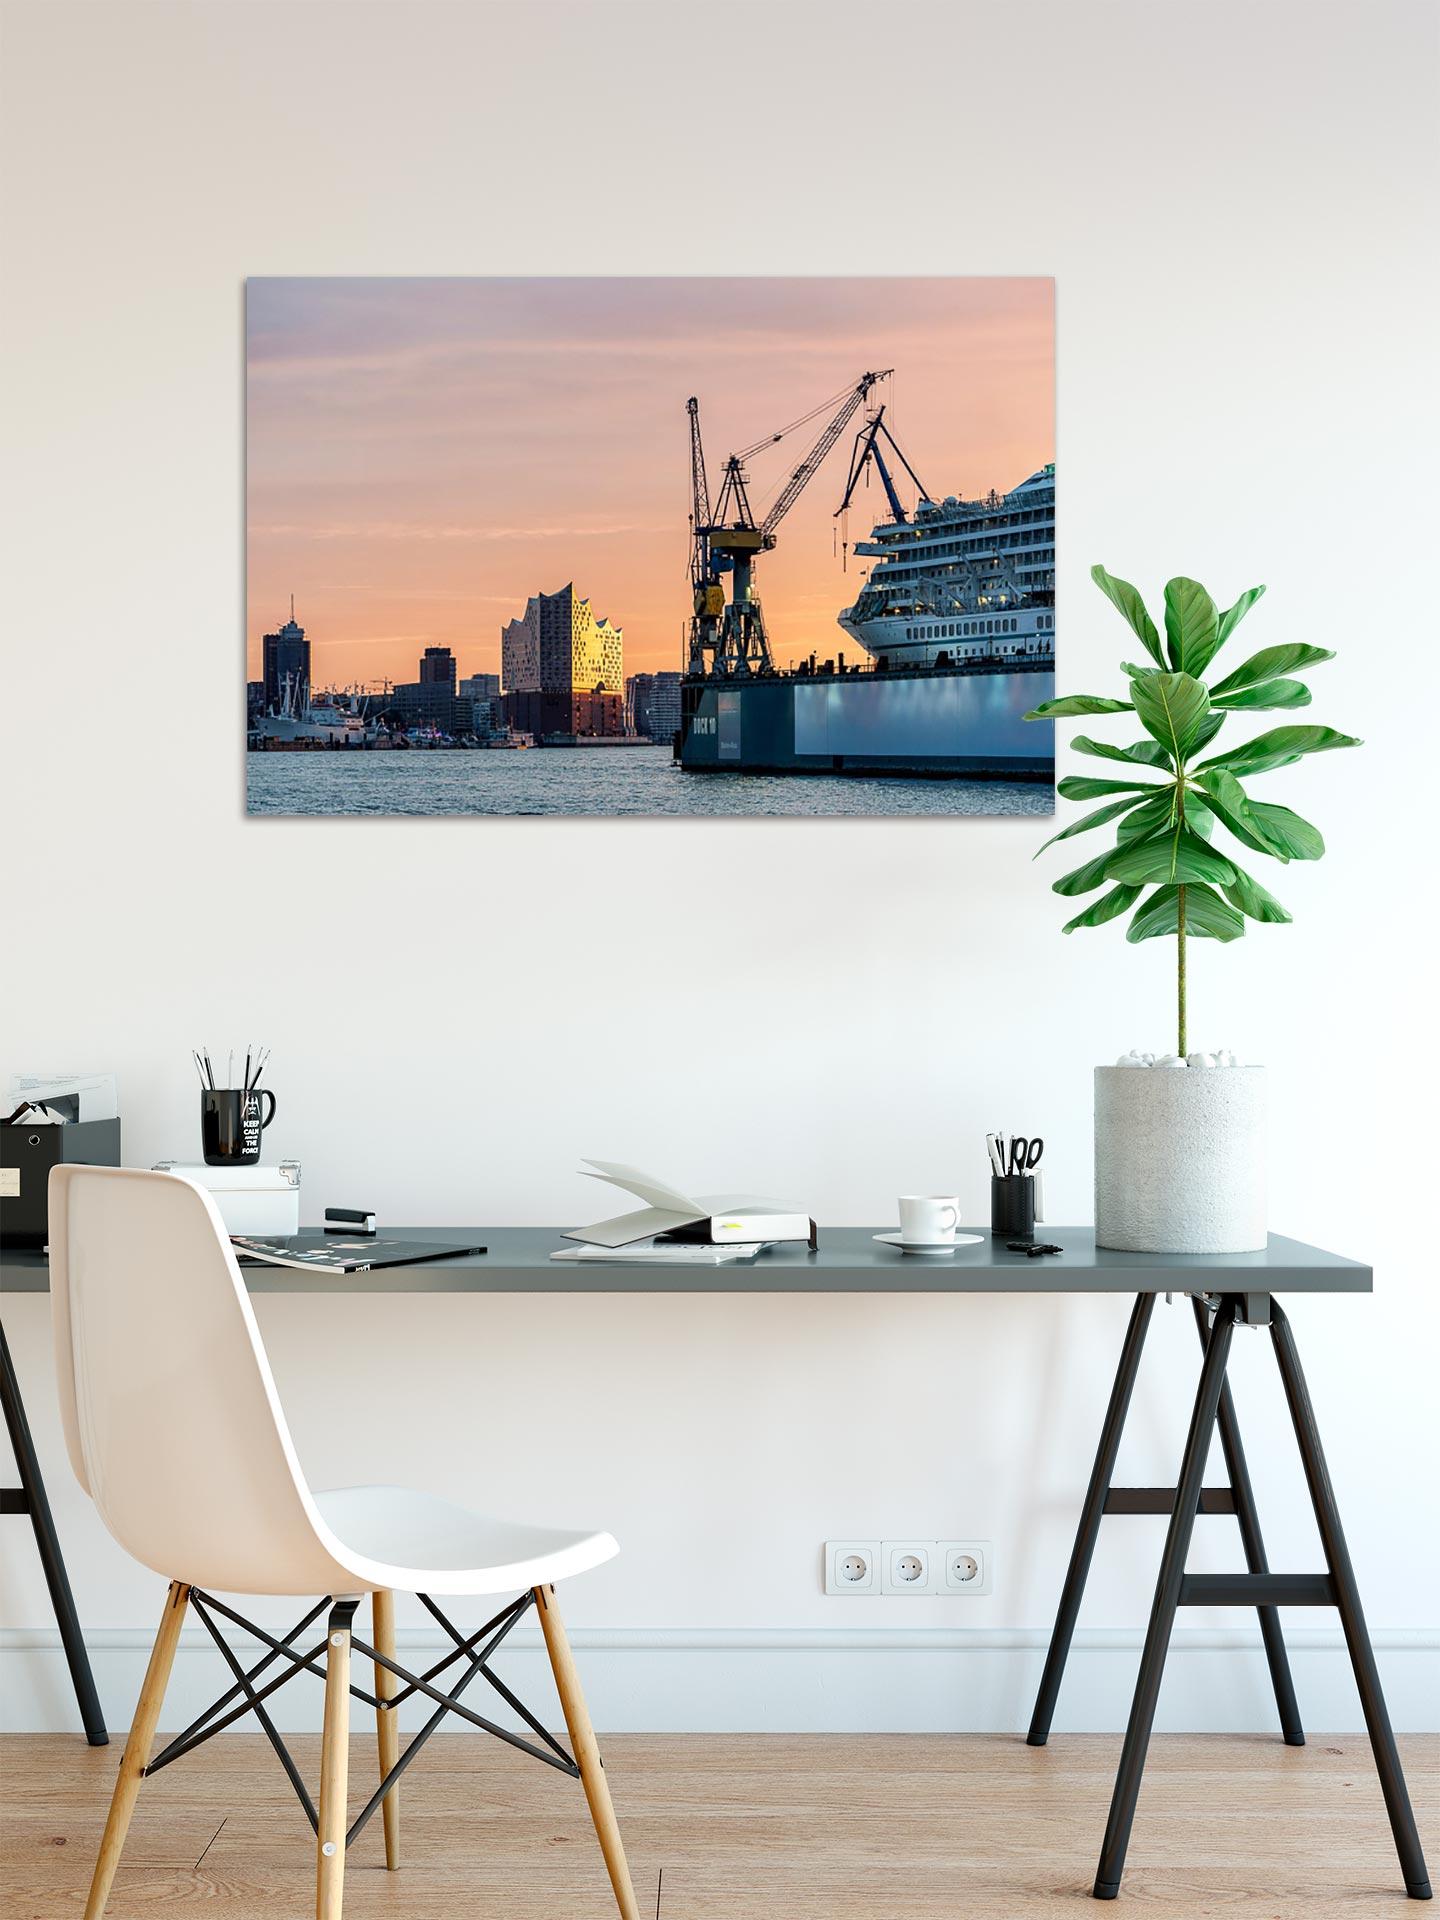 LCW256-dock-11i-hamburg-wandbild-bild-auf-leinwand-acrylglas-aludibond-arbeitszimmer